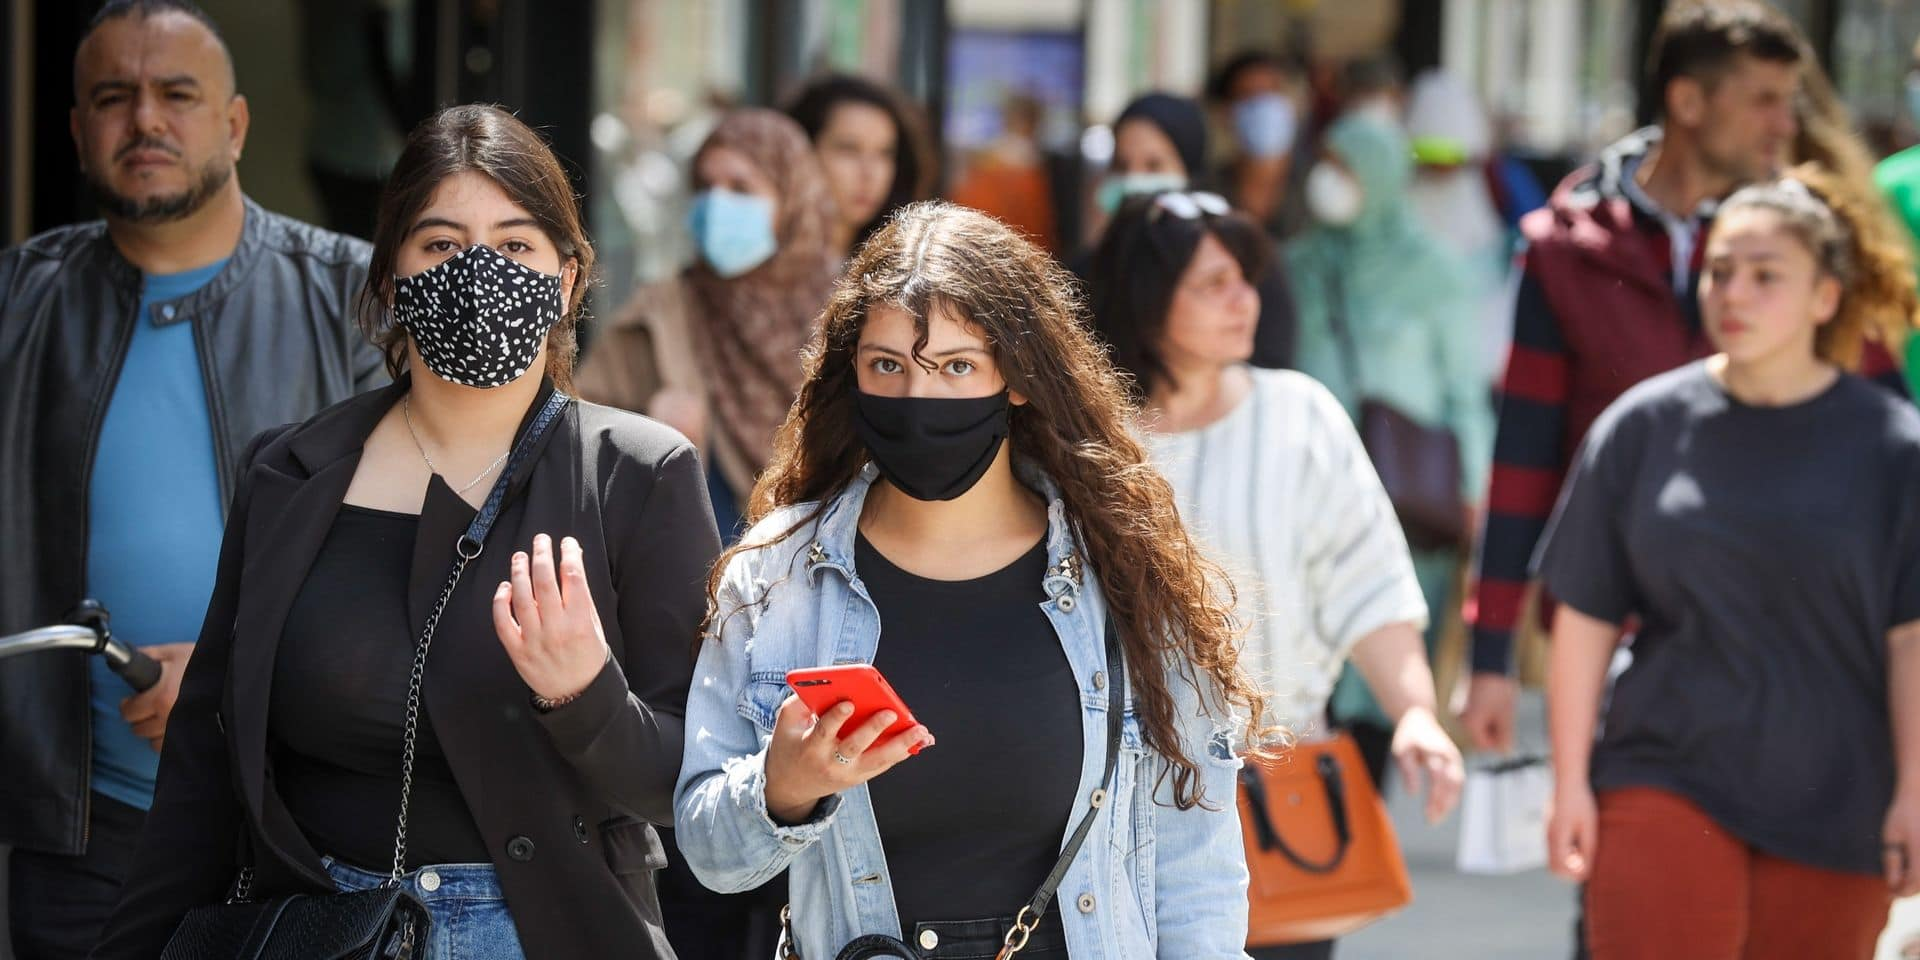 D'abord recommandés, maintenant obligatoires : retour sur la saga du masque dans les lieux publics